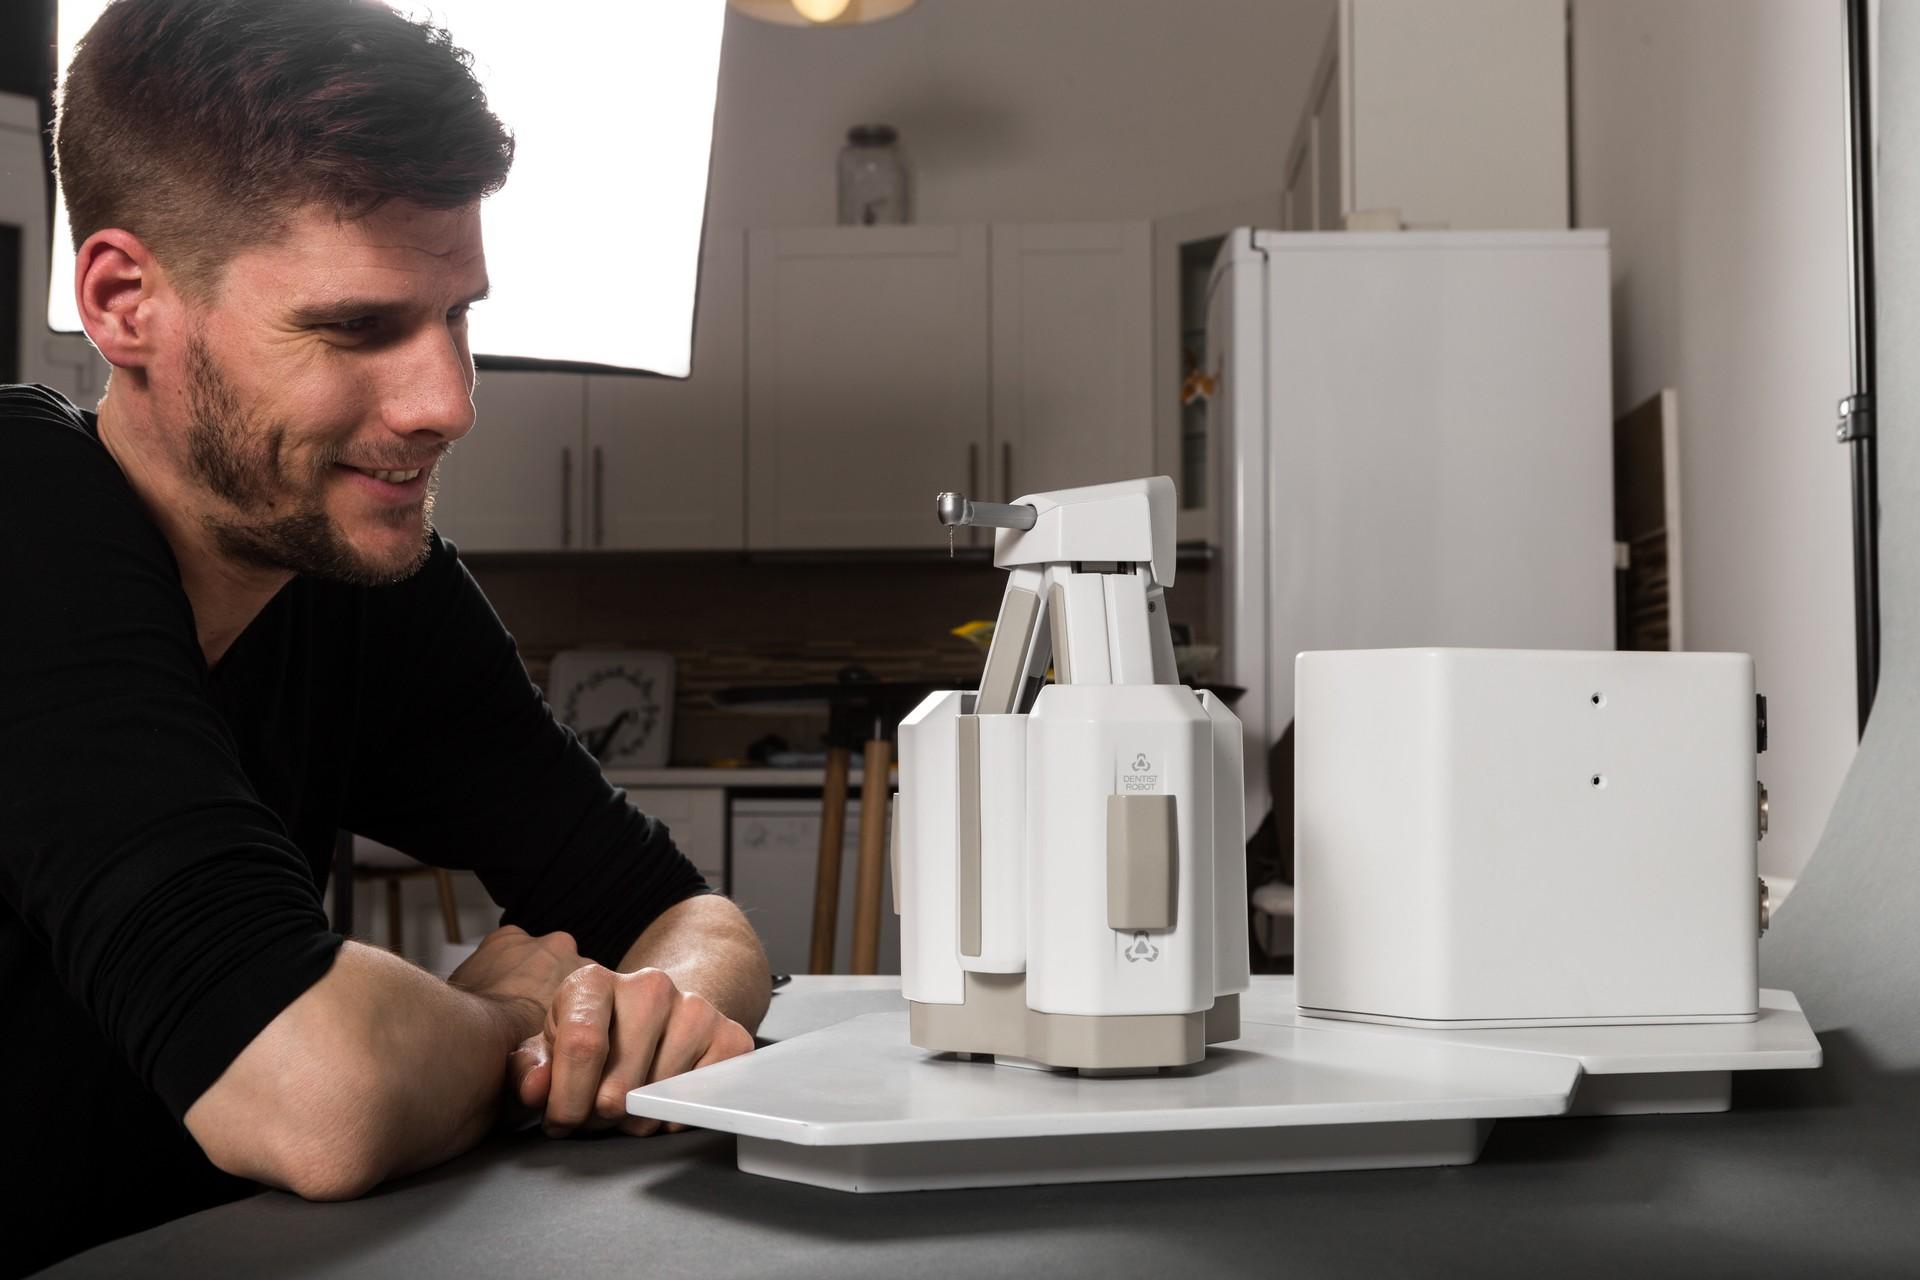 dentist_robot_remion_design_budapest_07